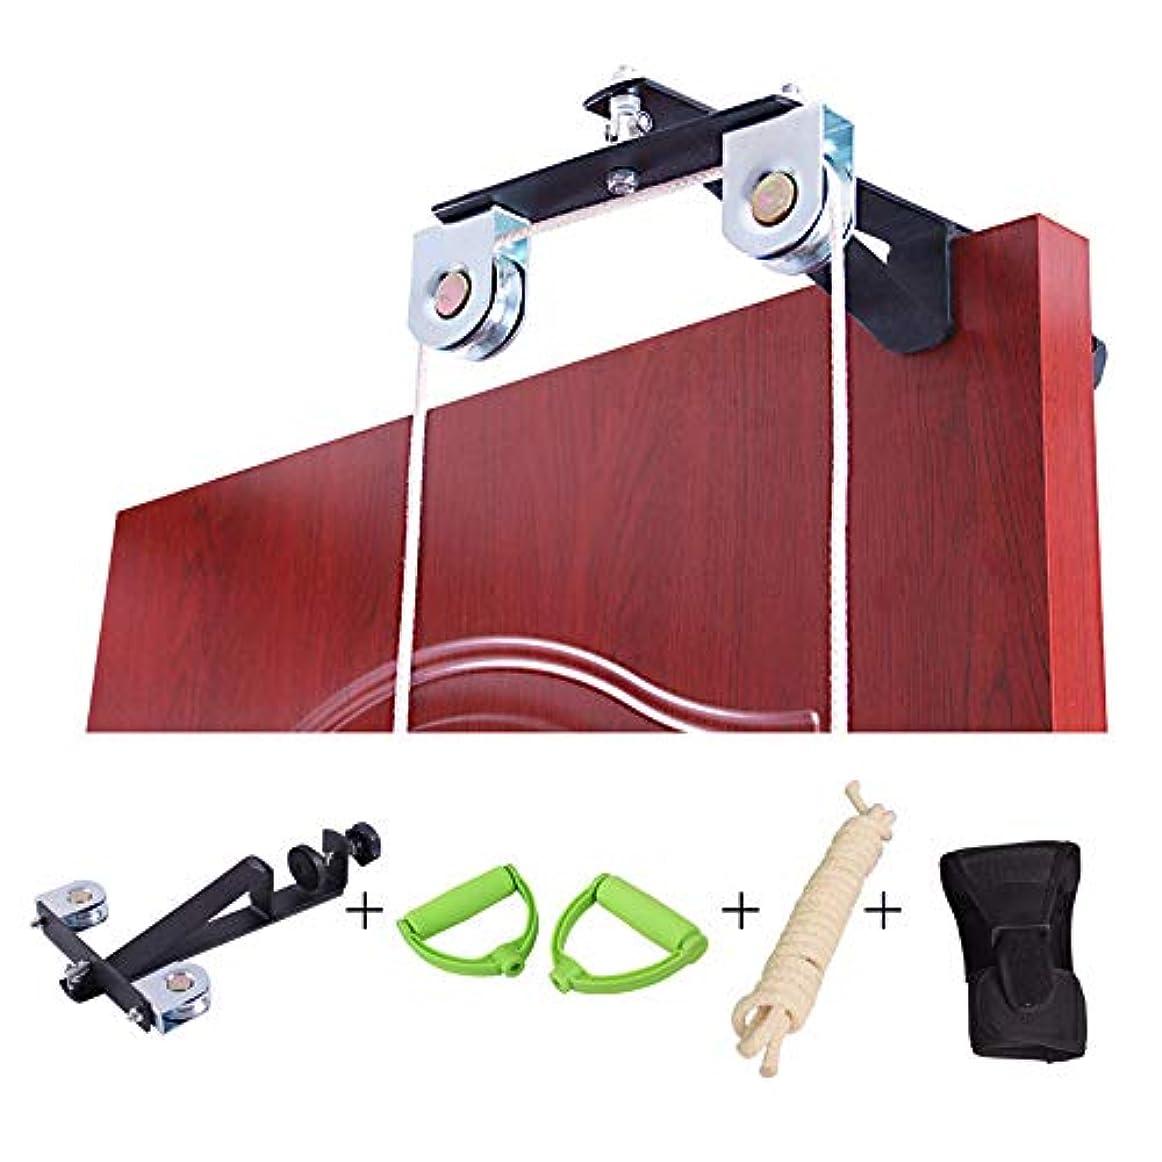 トロピカルヶ月目基本的な家庭用 肩のリハビリ機器 滑車訓練機 肩甲骨ストレッチャー 肩を大きく動かすエクササイズダブルプーリーデザイン